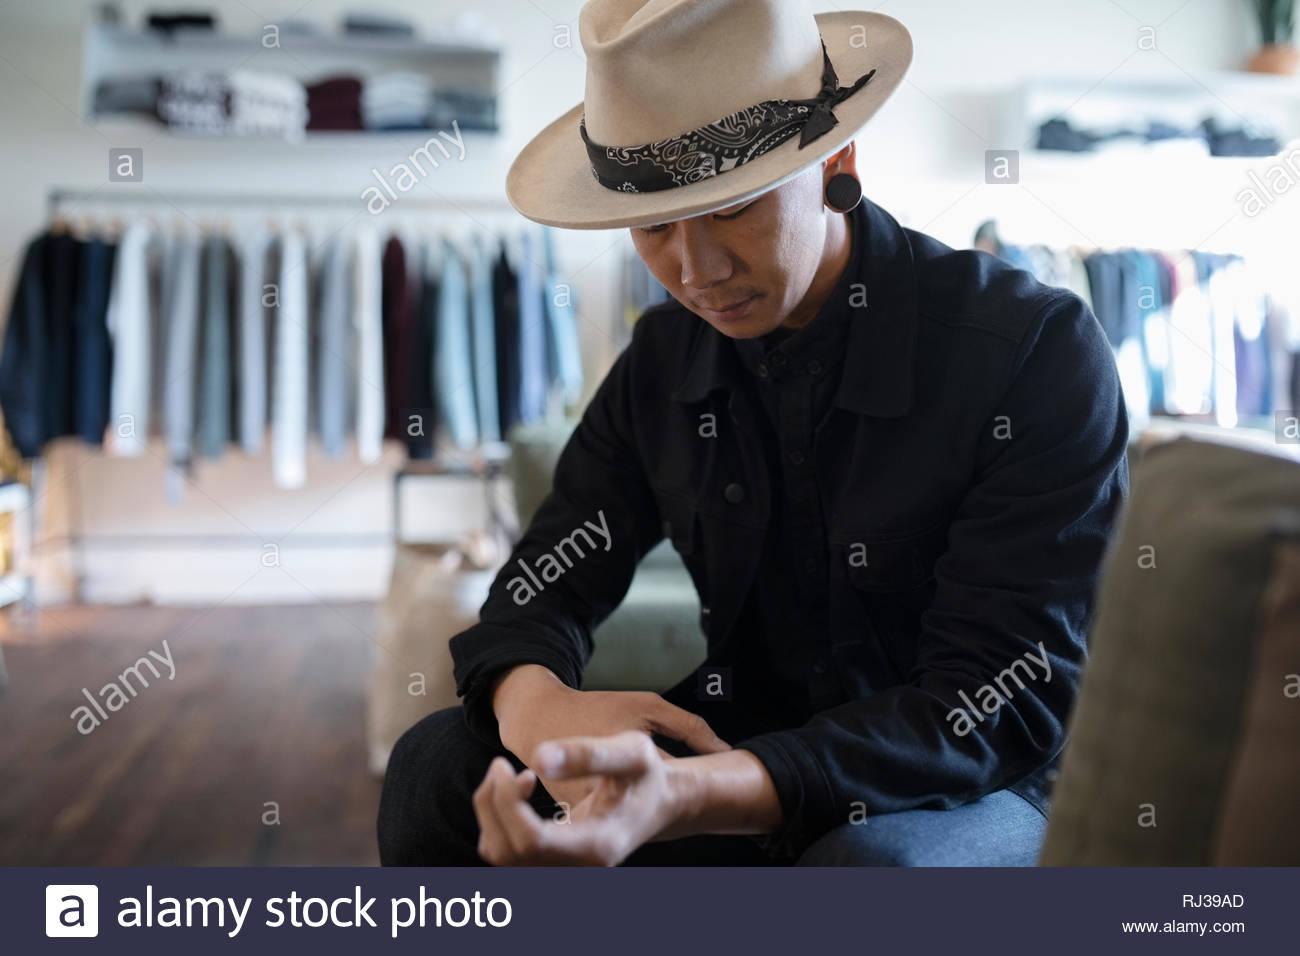 L'homme élégant magasin de vêtements Vêtements pour hommes en Photo Stock